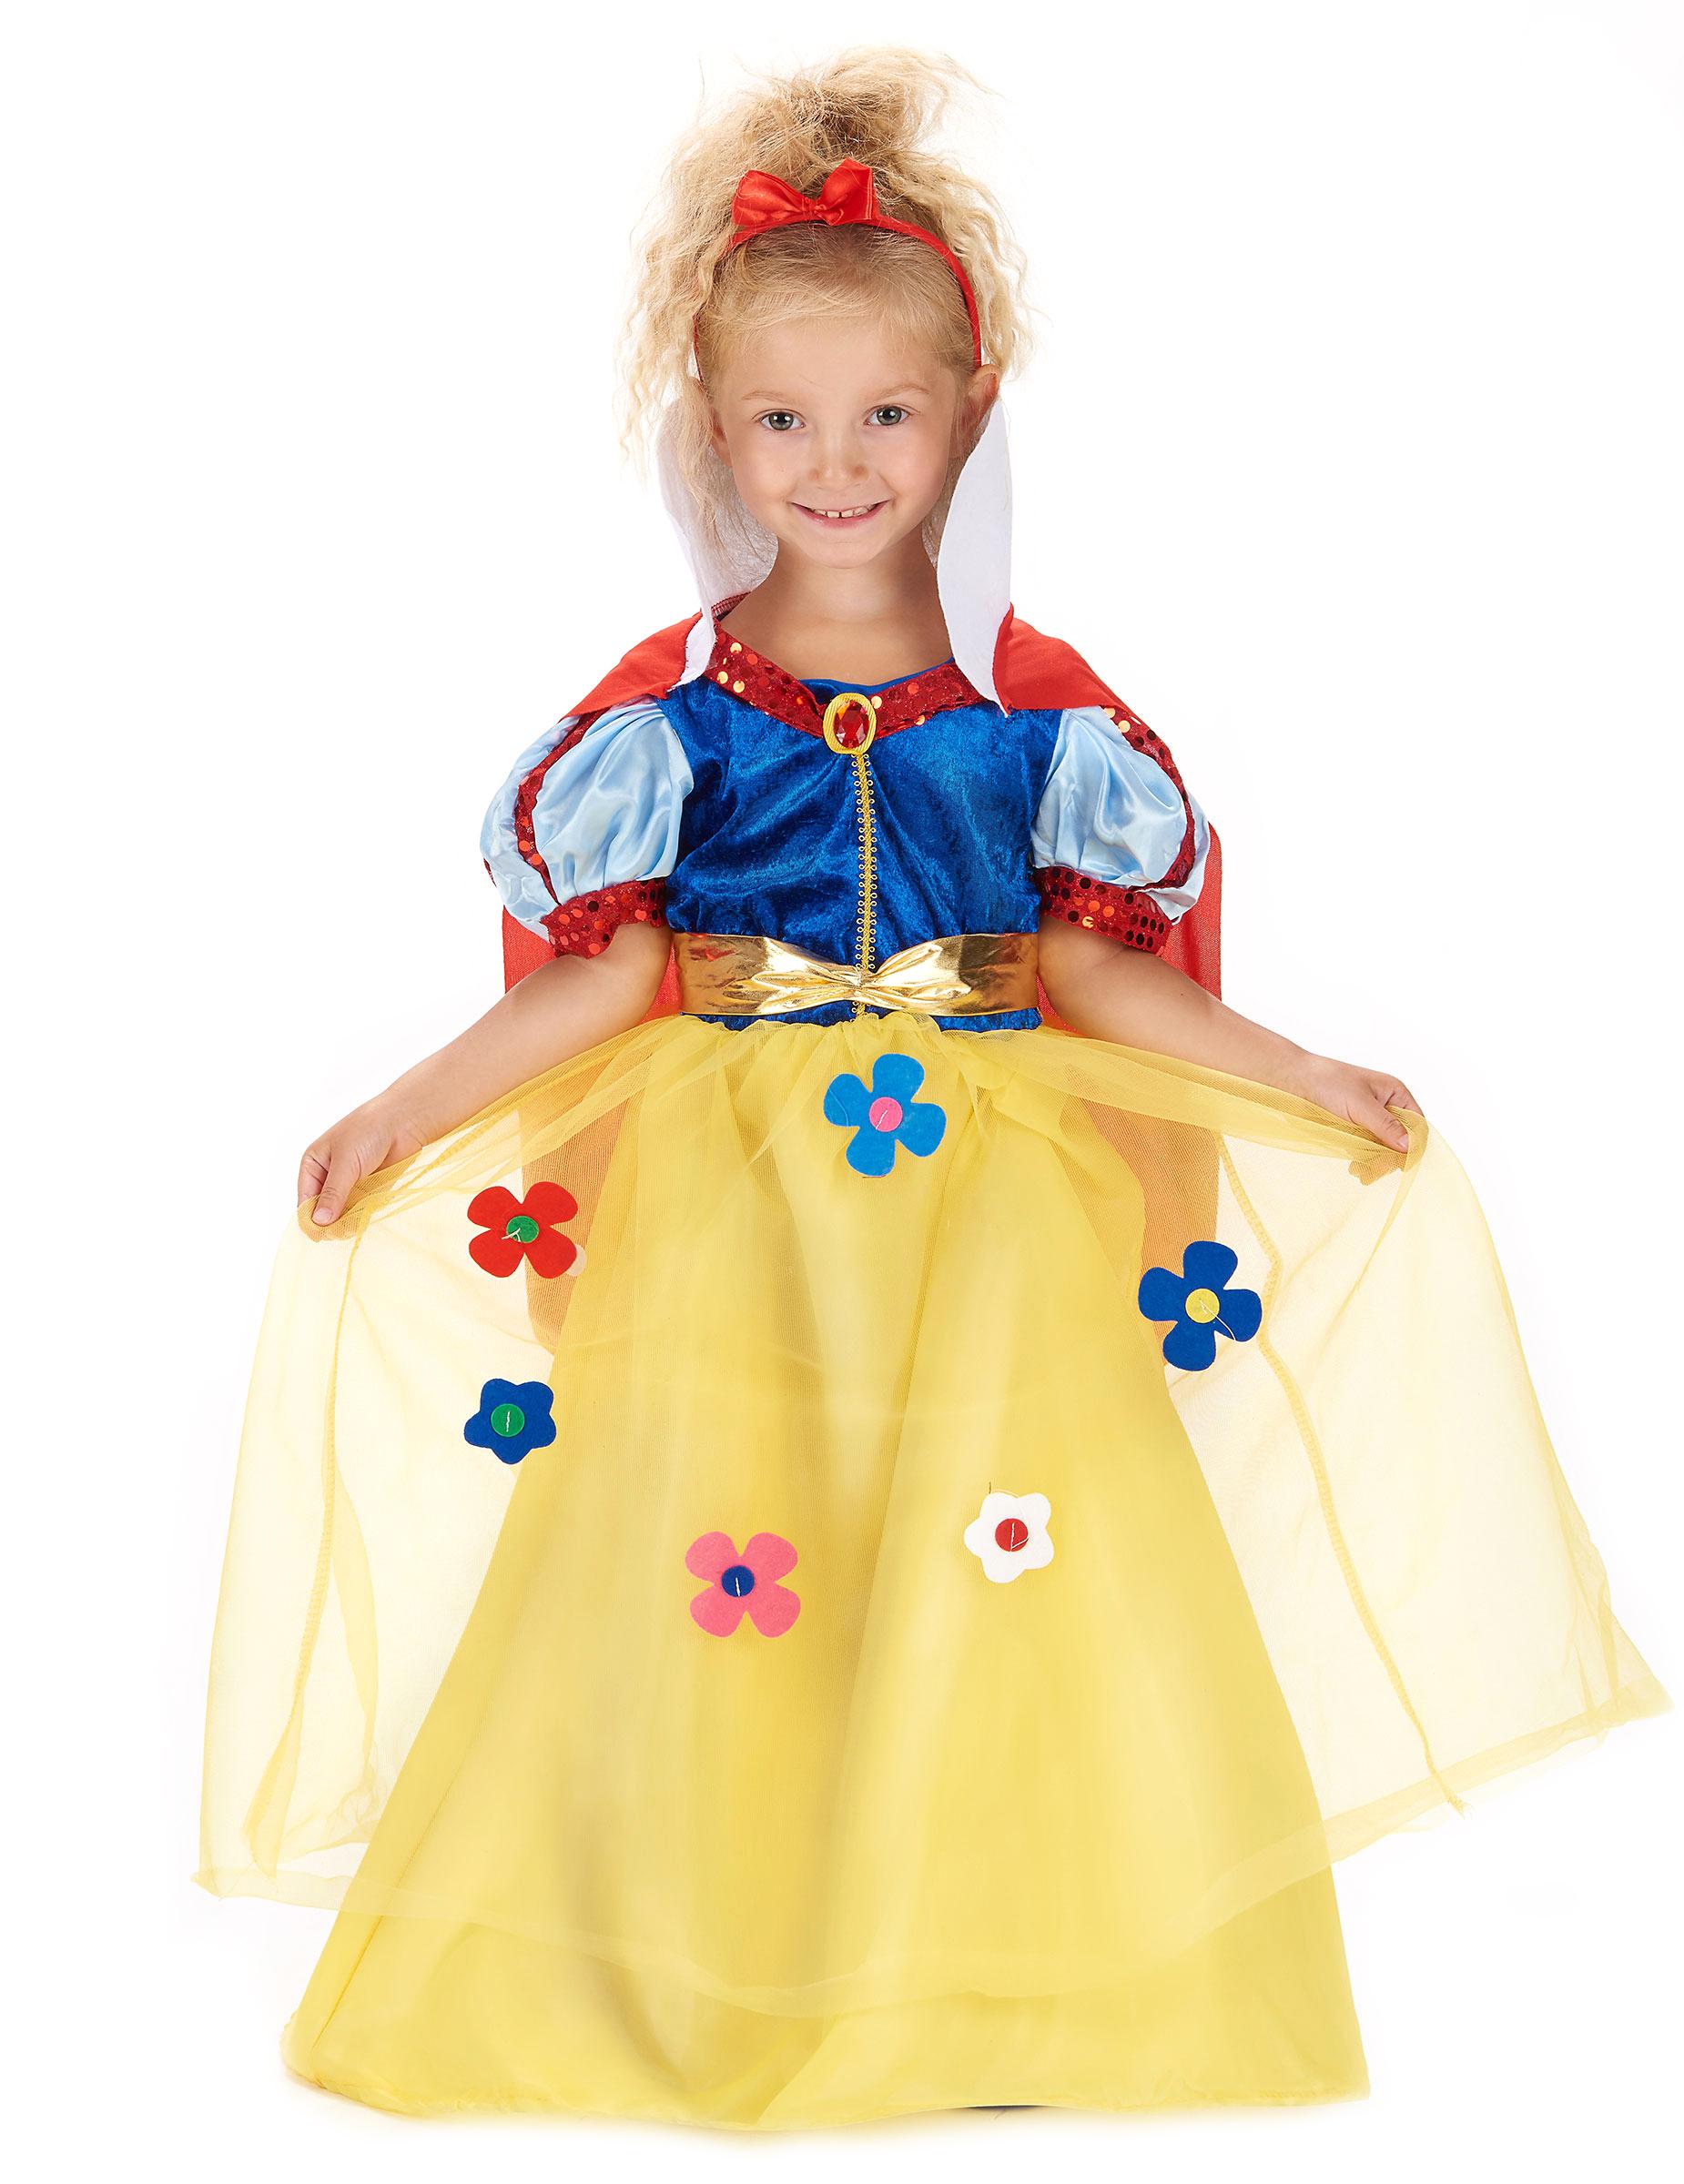 D guisement princesse des neiges fille deguise toi achat de d guisements enfants - Deguisement fille princesse ...